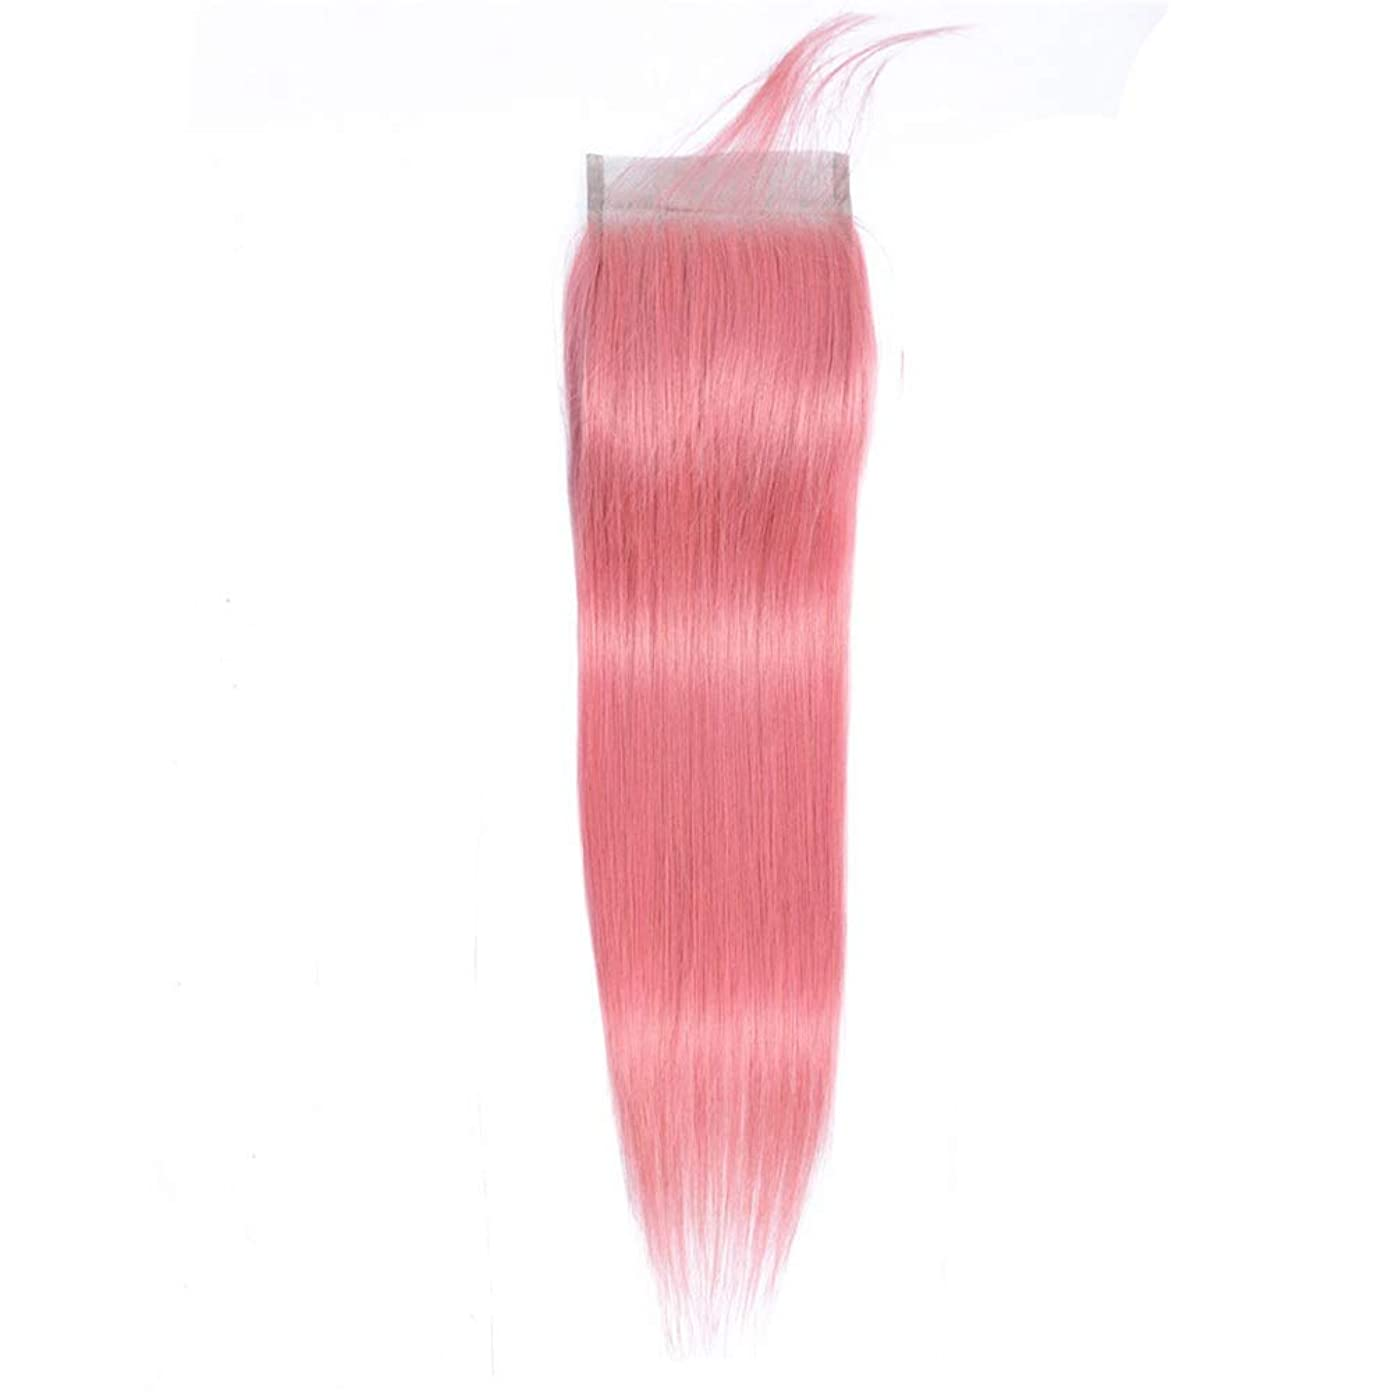 持っている計り知れない否定するYrattary レースの閉鎖無料パート4 * 4レースの正面閉鎖(10インチ-16インチ)ファッションウィッグとピンクの100%人毛ブラジルストレートヘア (色 : ピンク, サイズ : 10 inch)